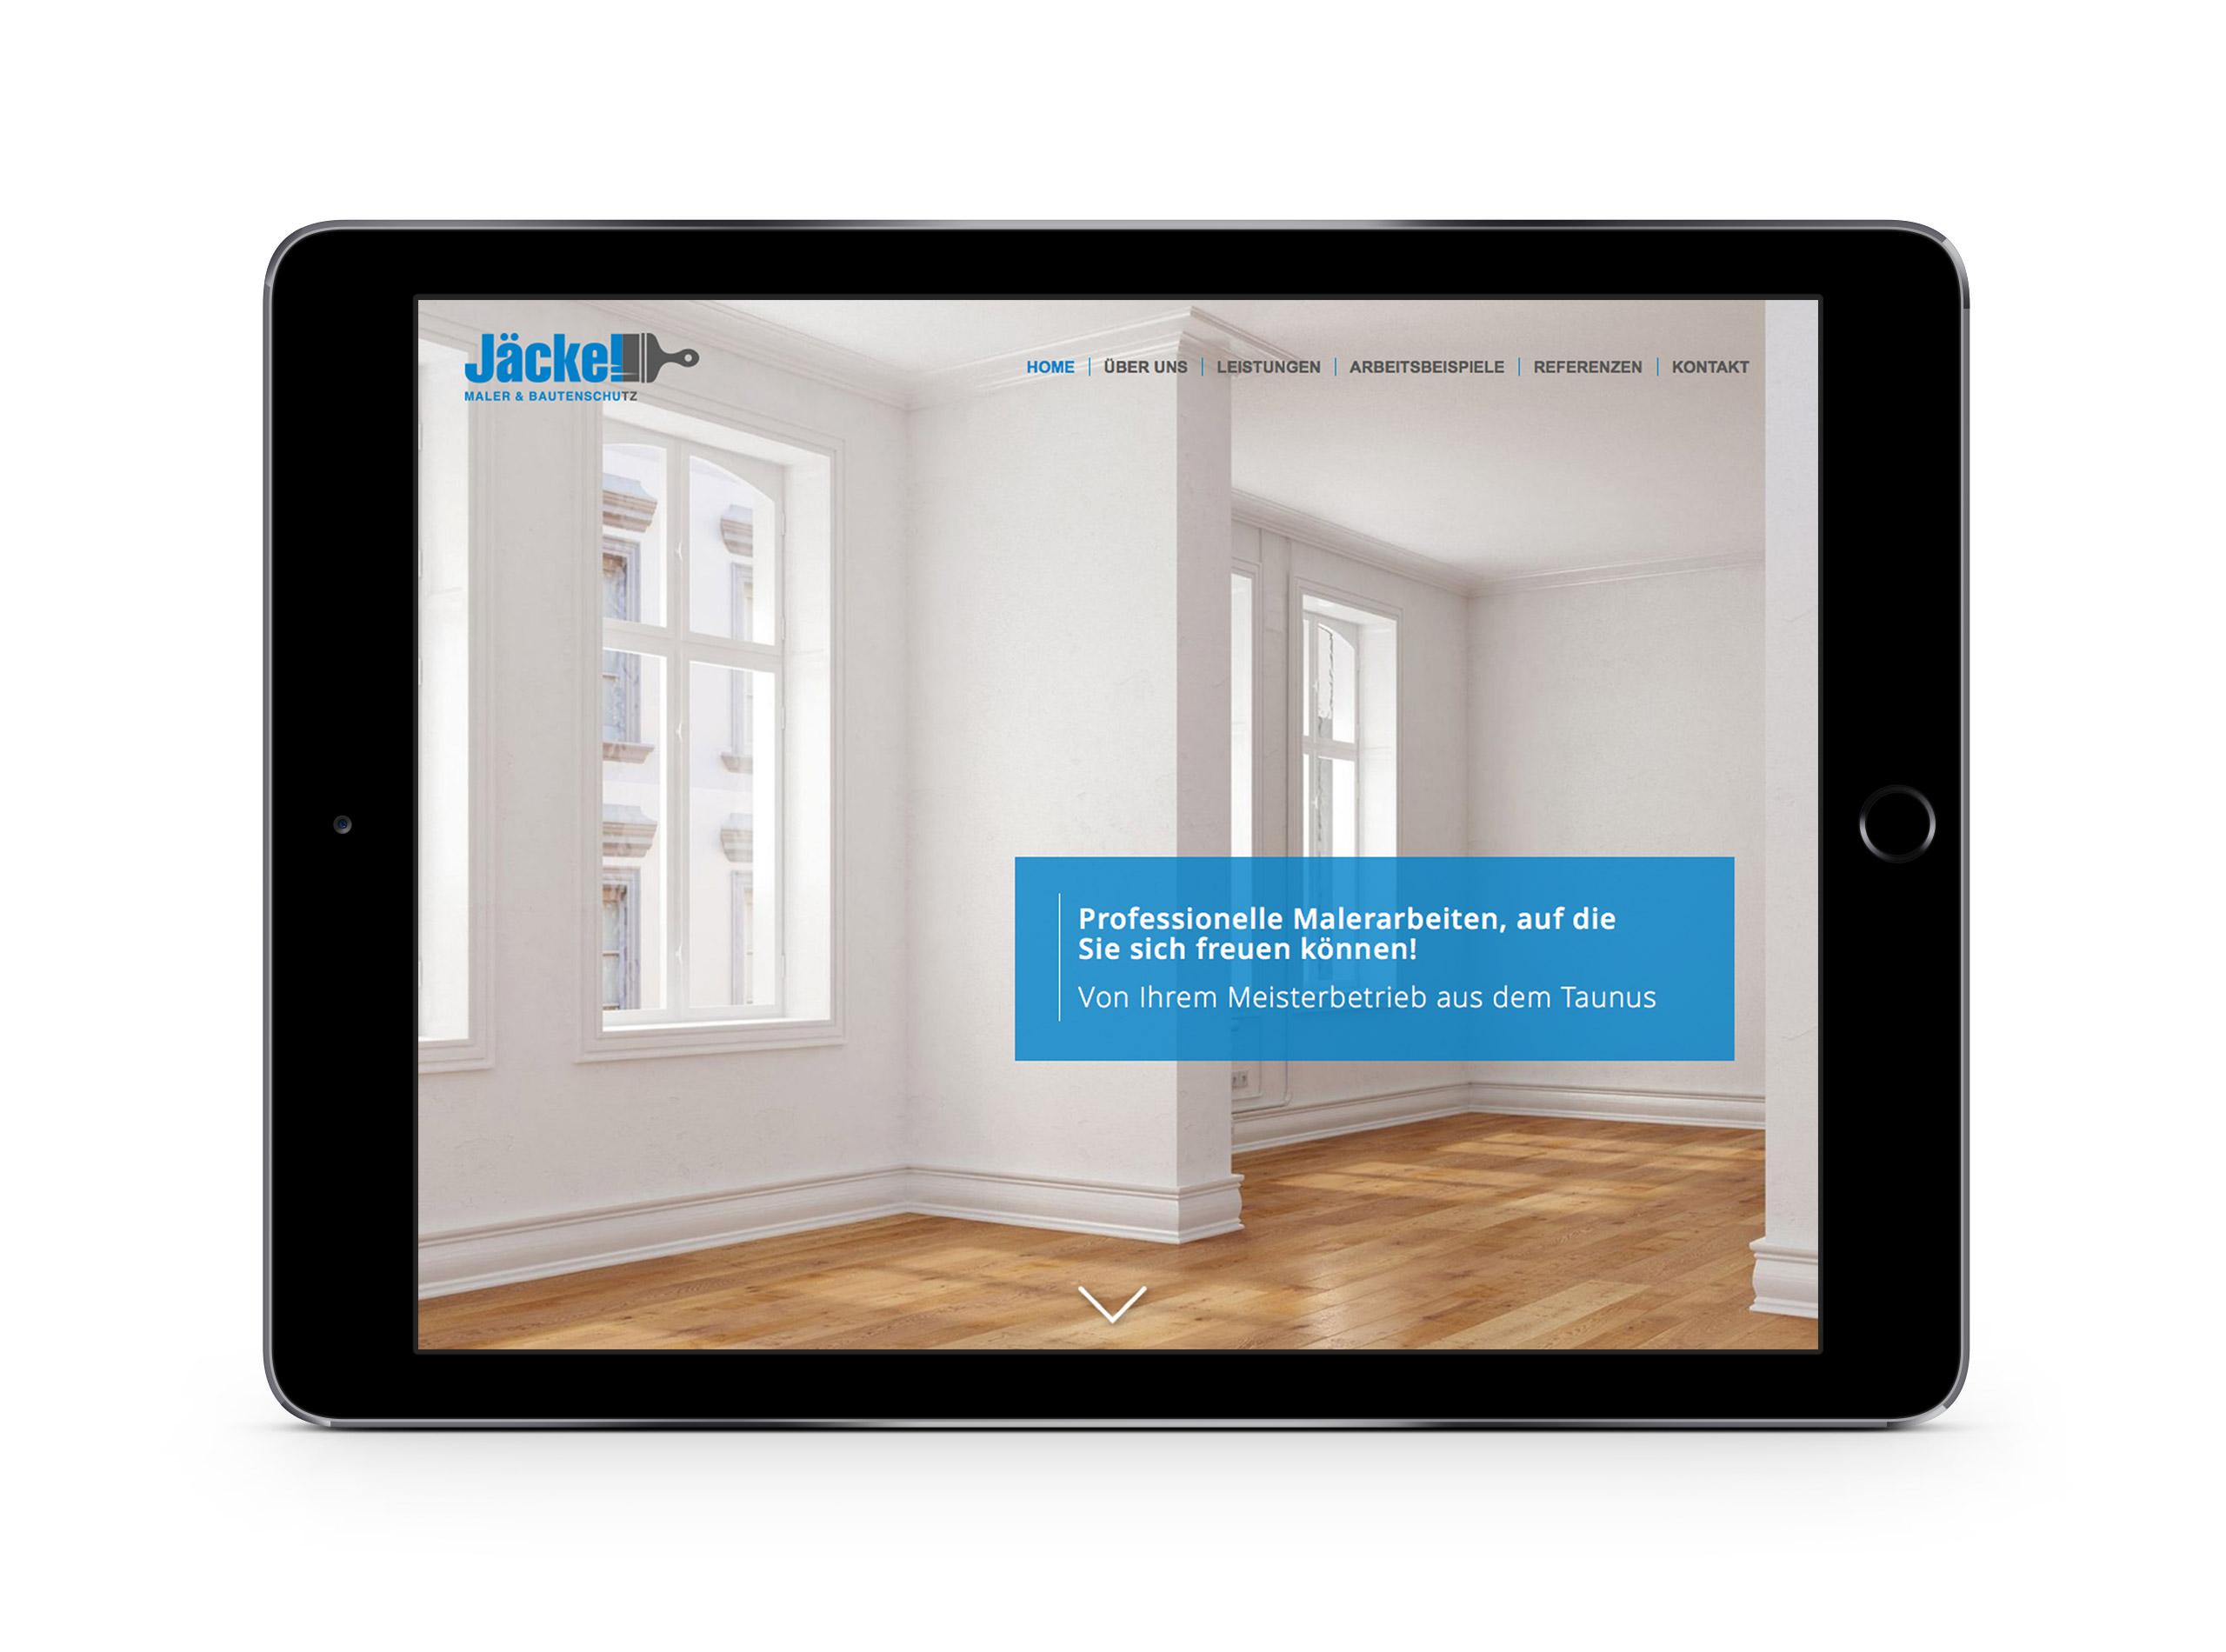 Responsive Webdesign für den Malerbetrieb Jäckel Maler & Bautenschutz im Taunus 4